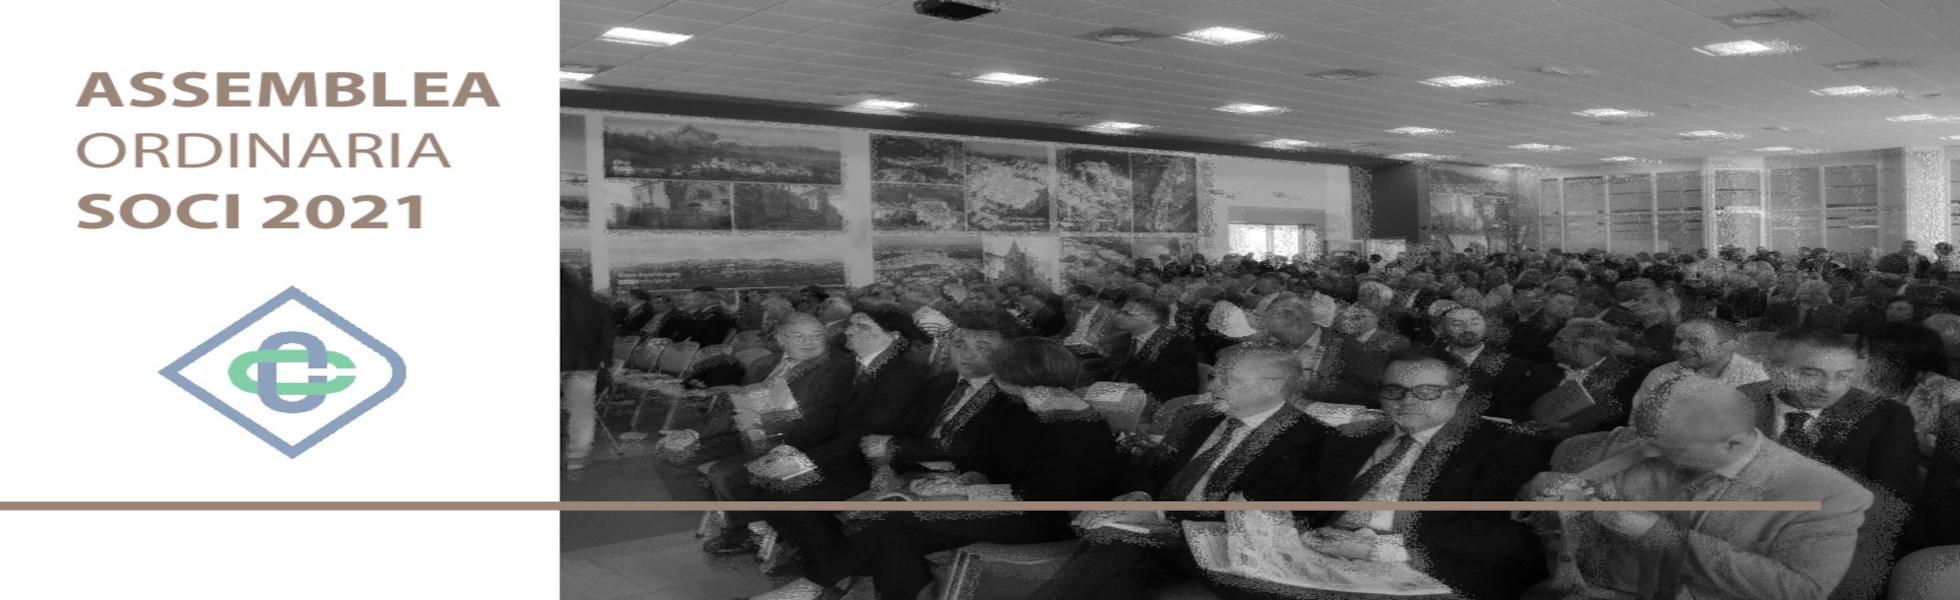 assemblea ordinaria soci 2021_castiglione